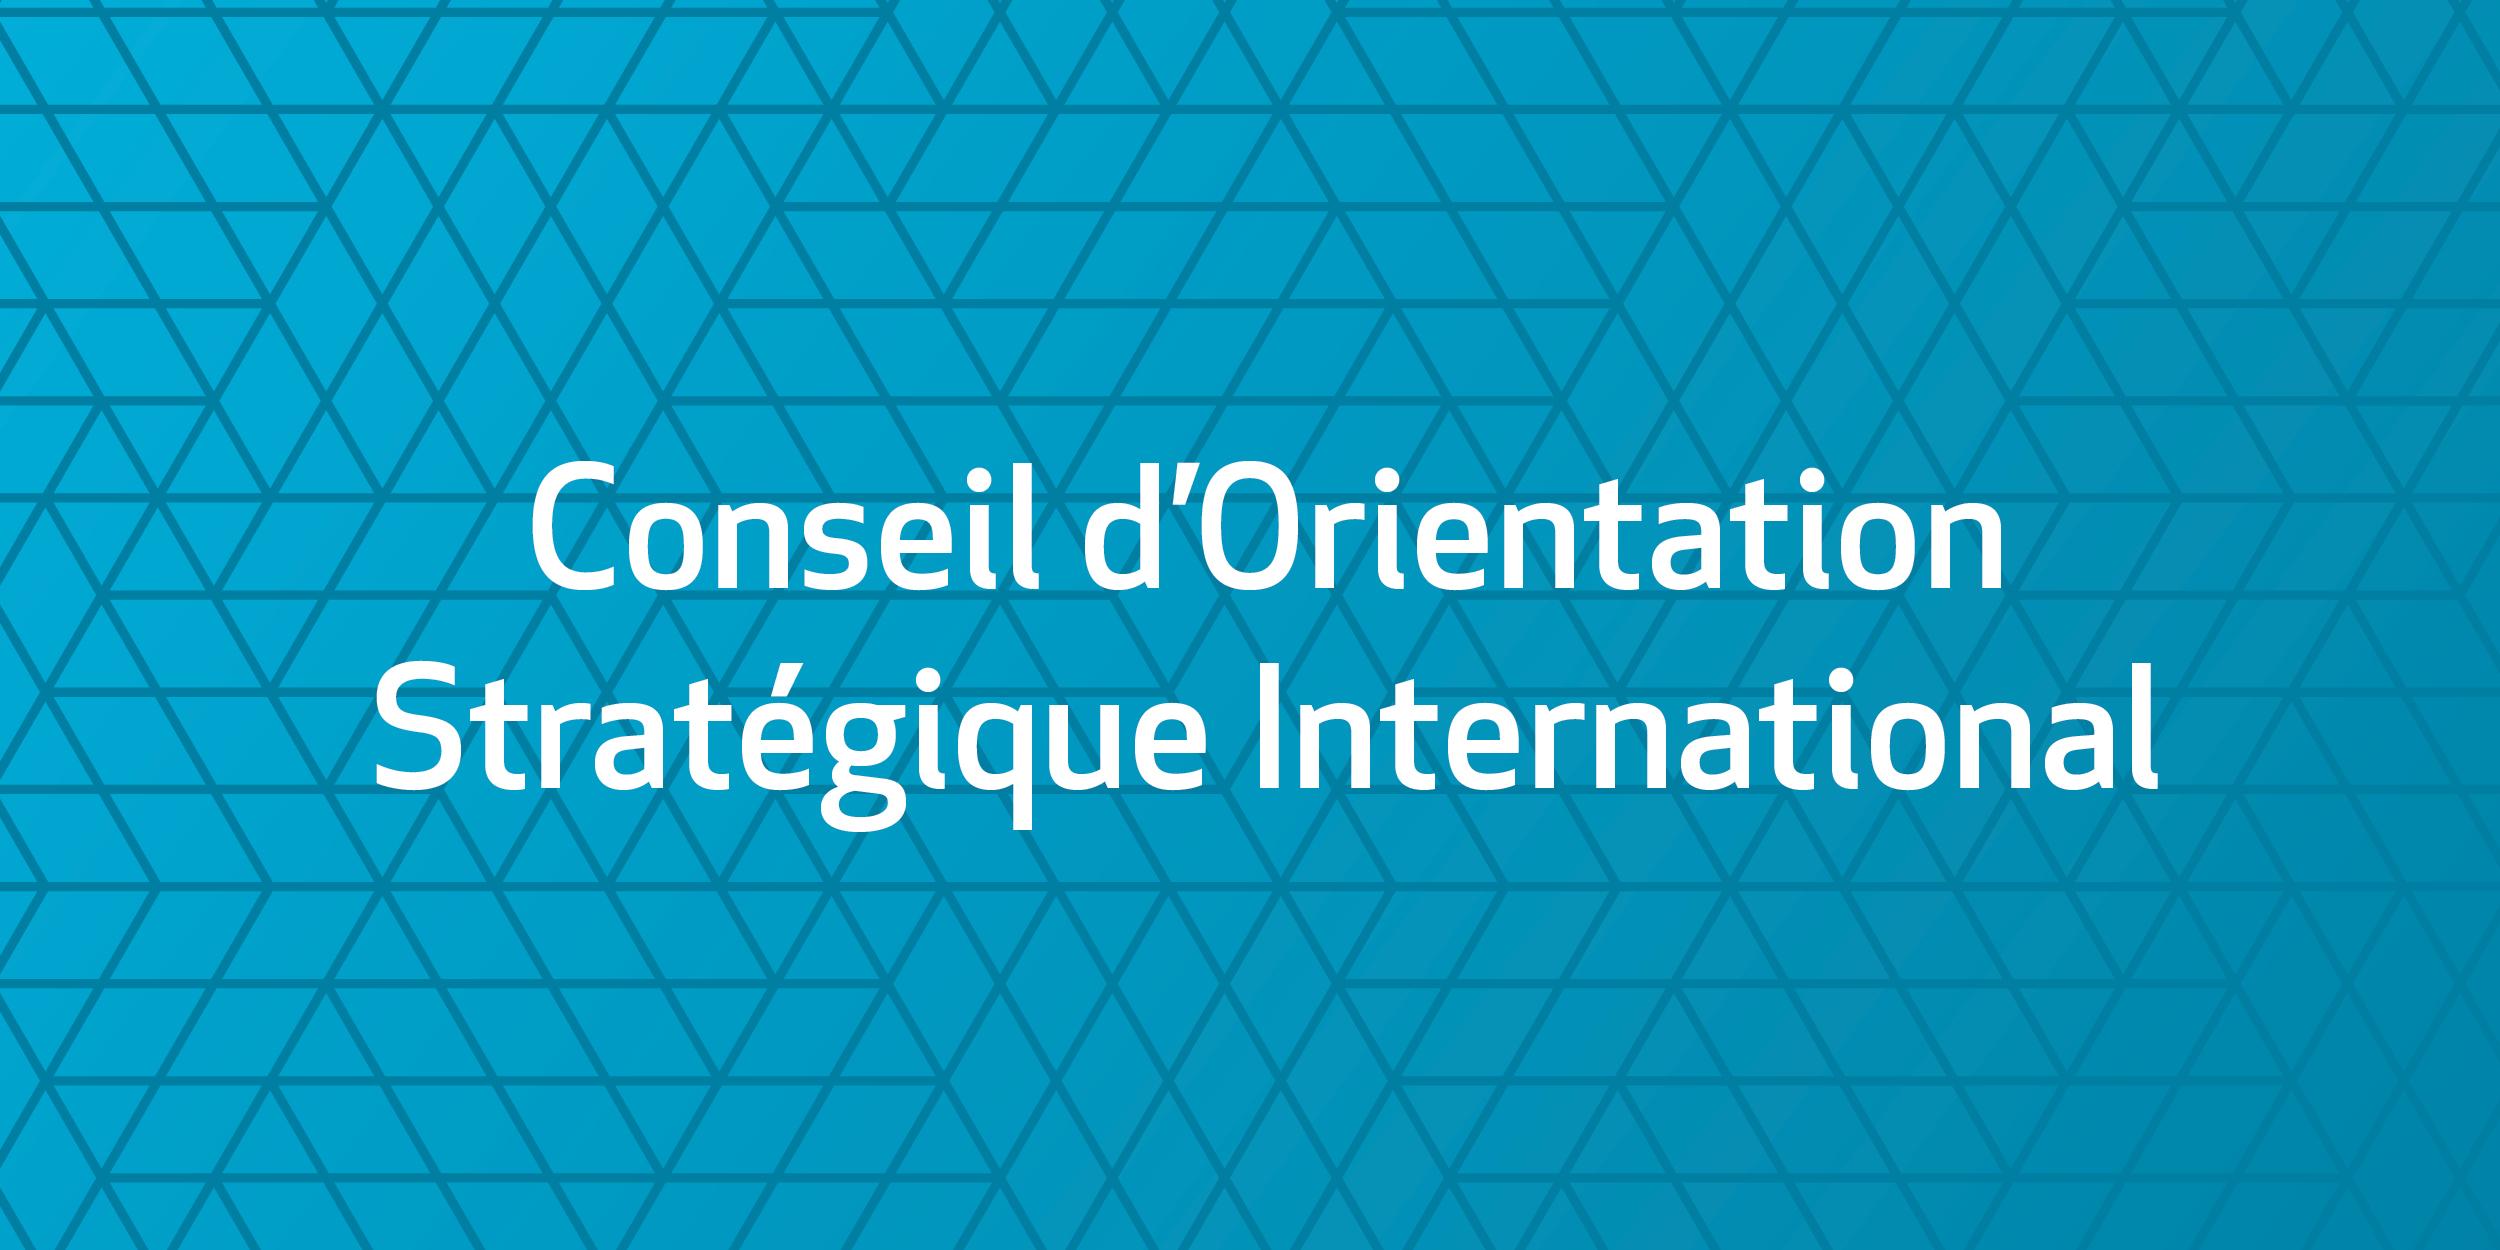 Conseil d'orientation stratégique international